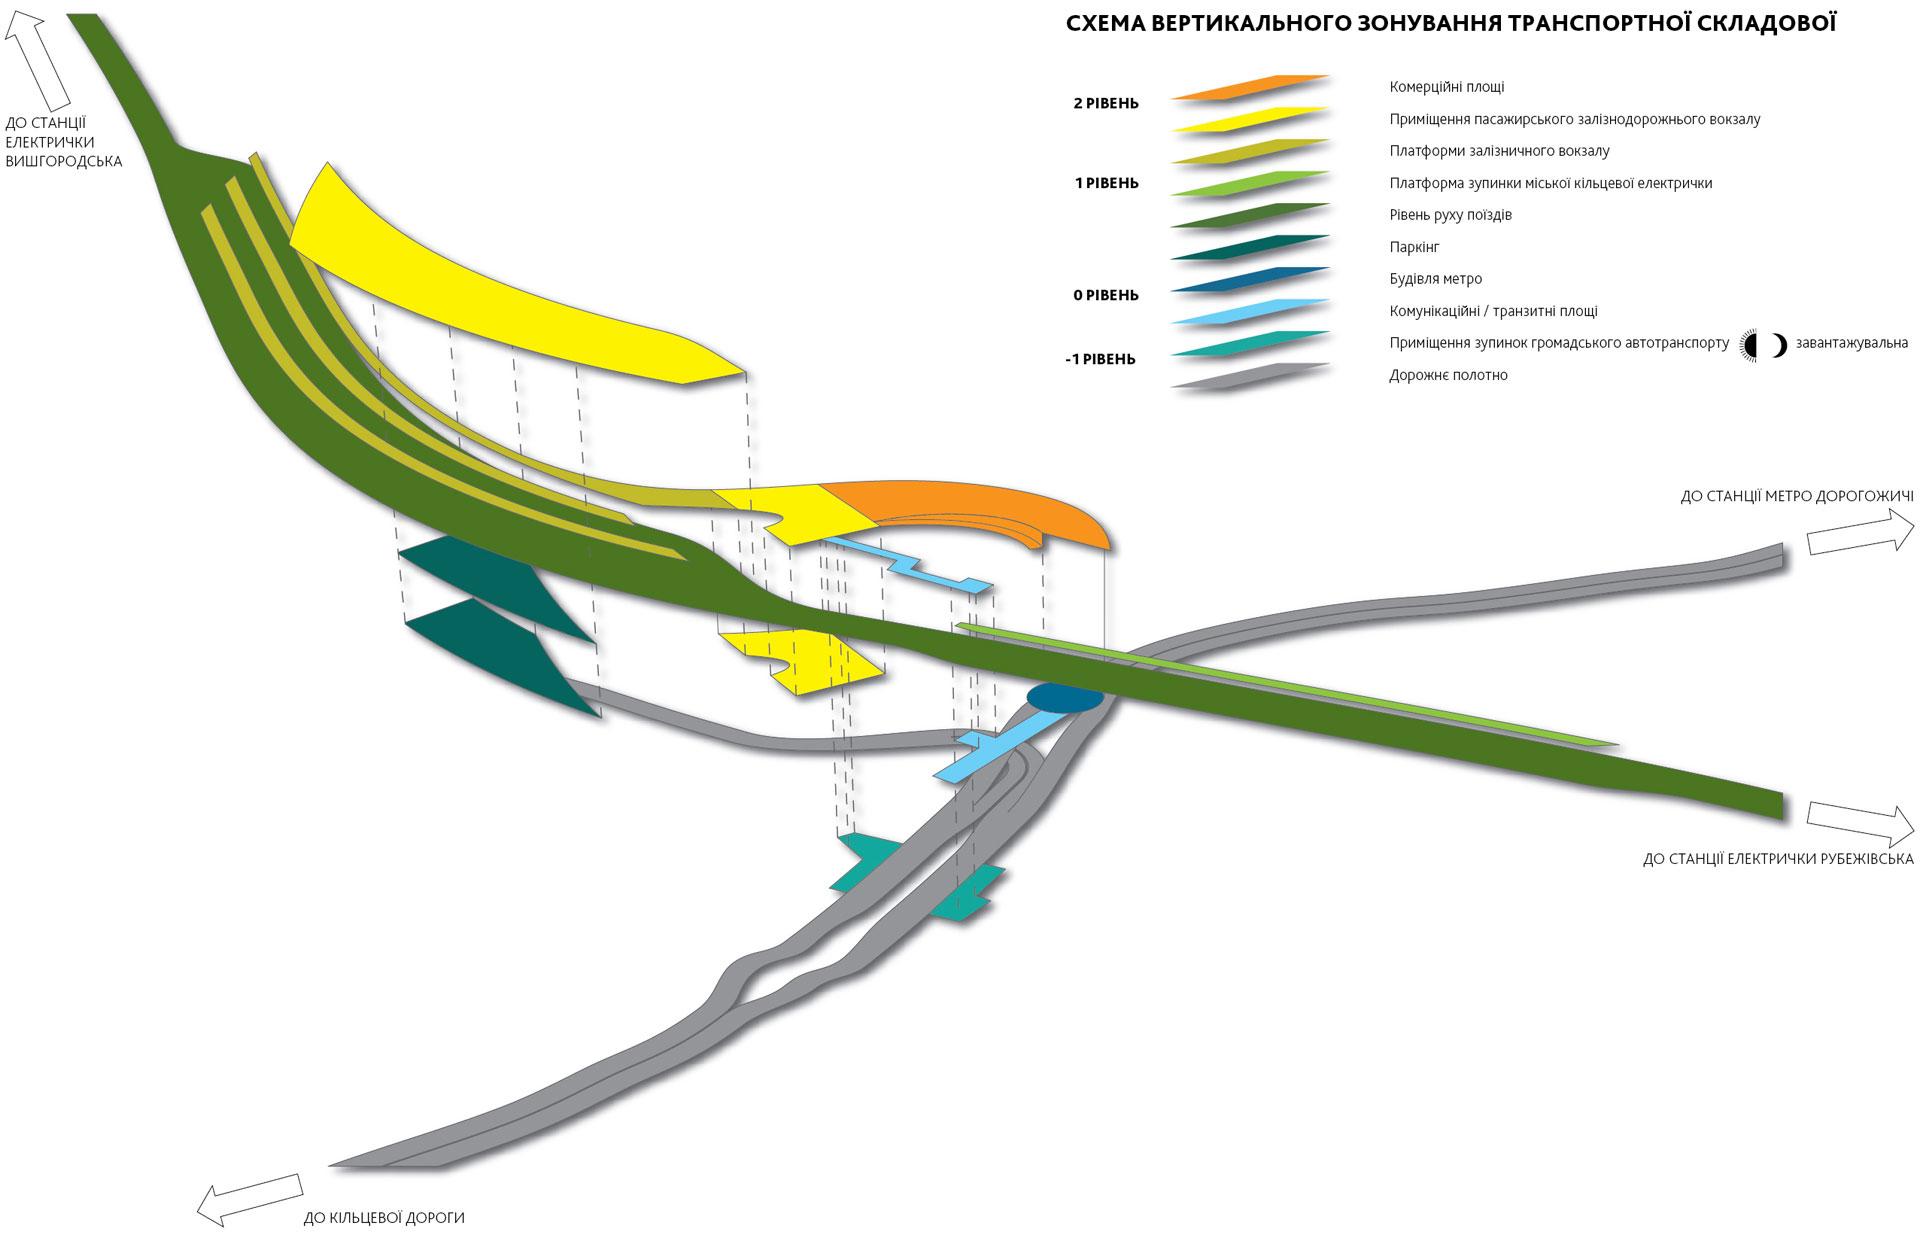 Схема вертикального зонирования транспортного узла